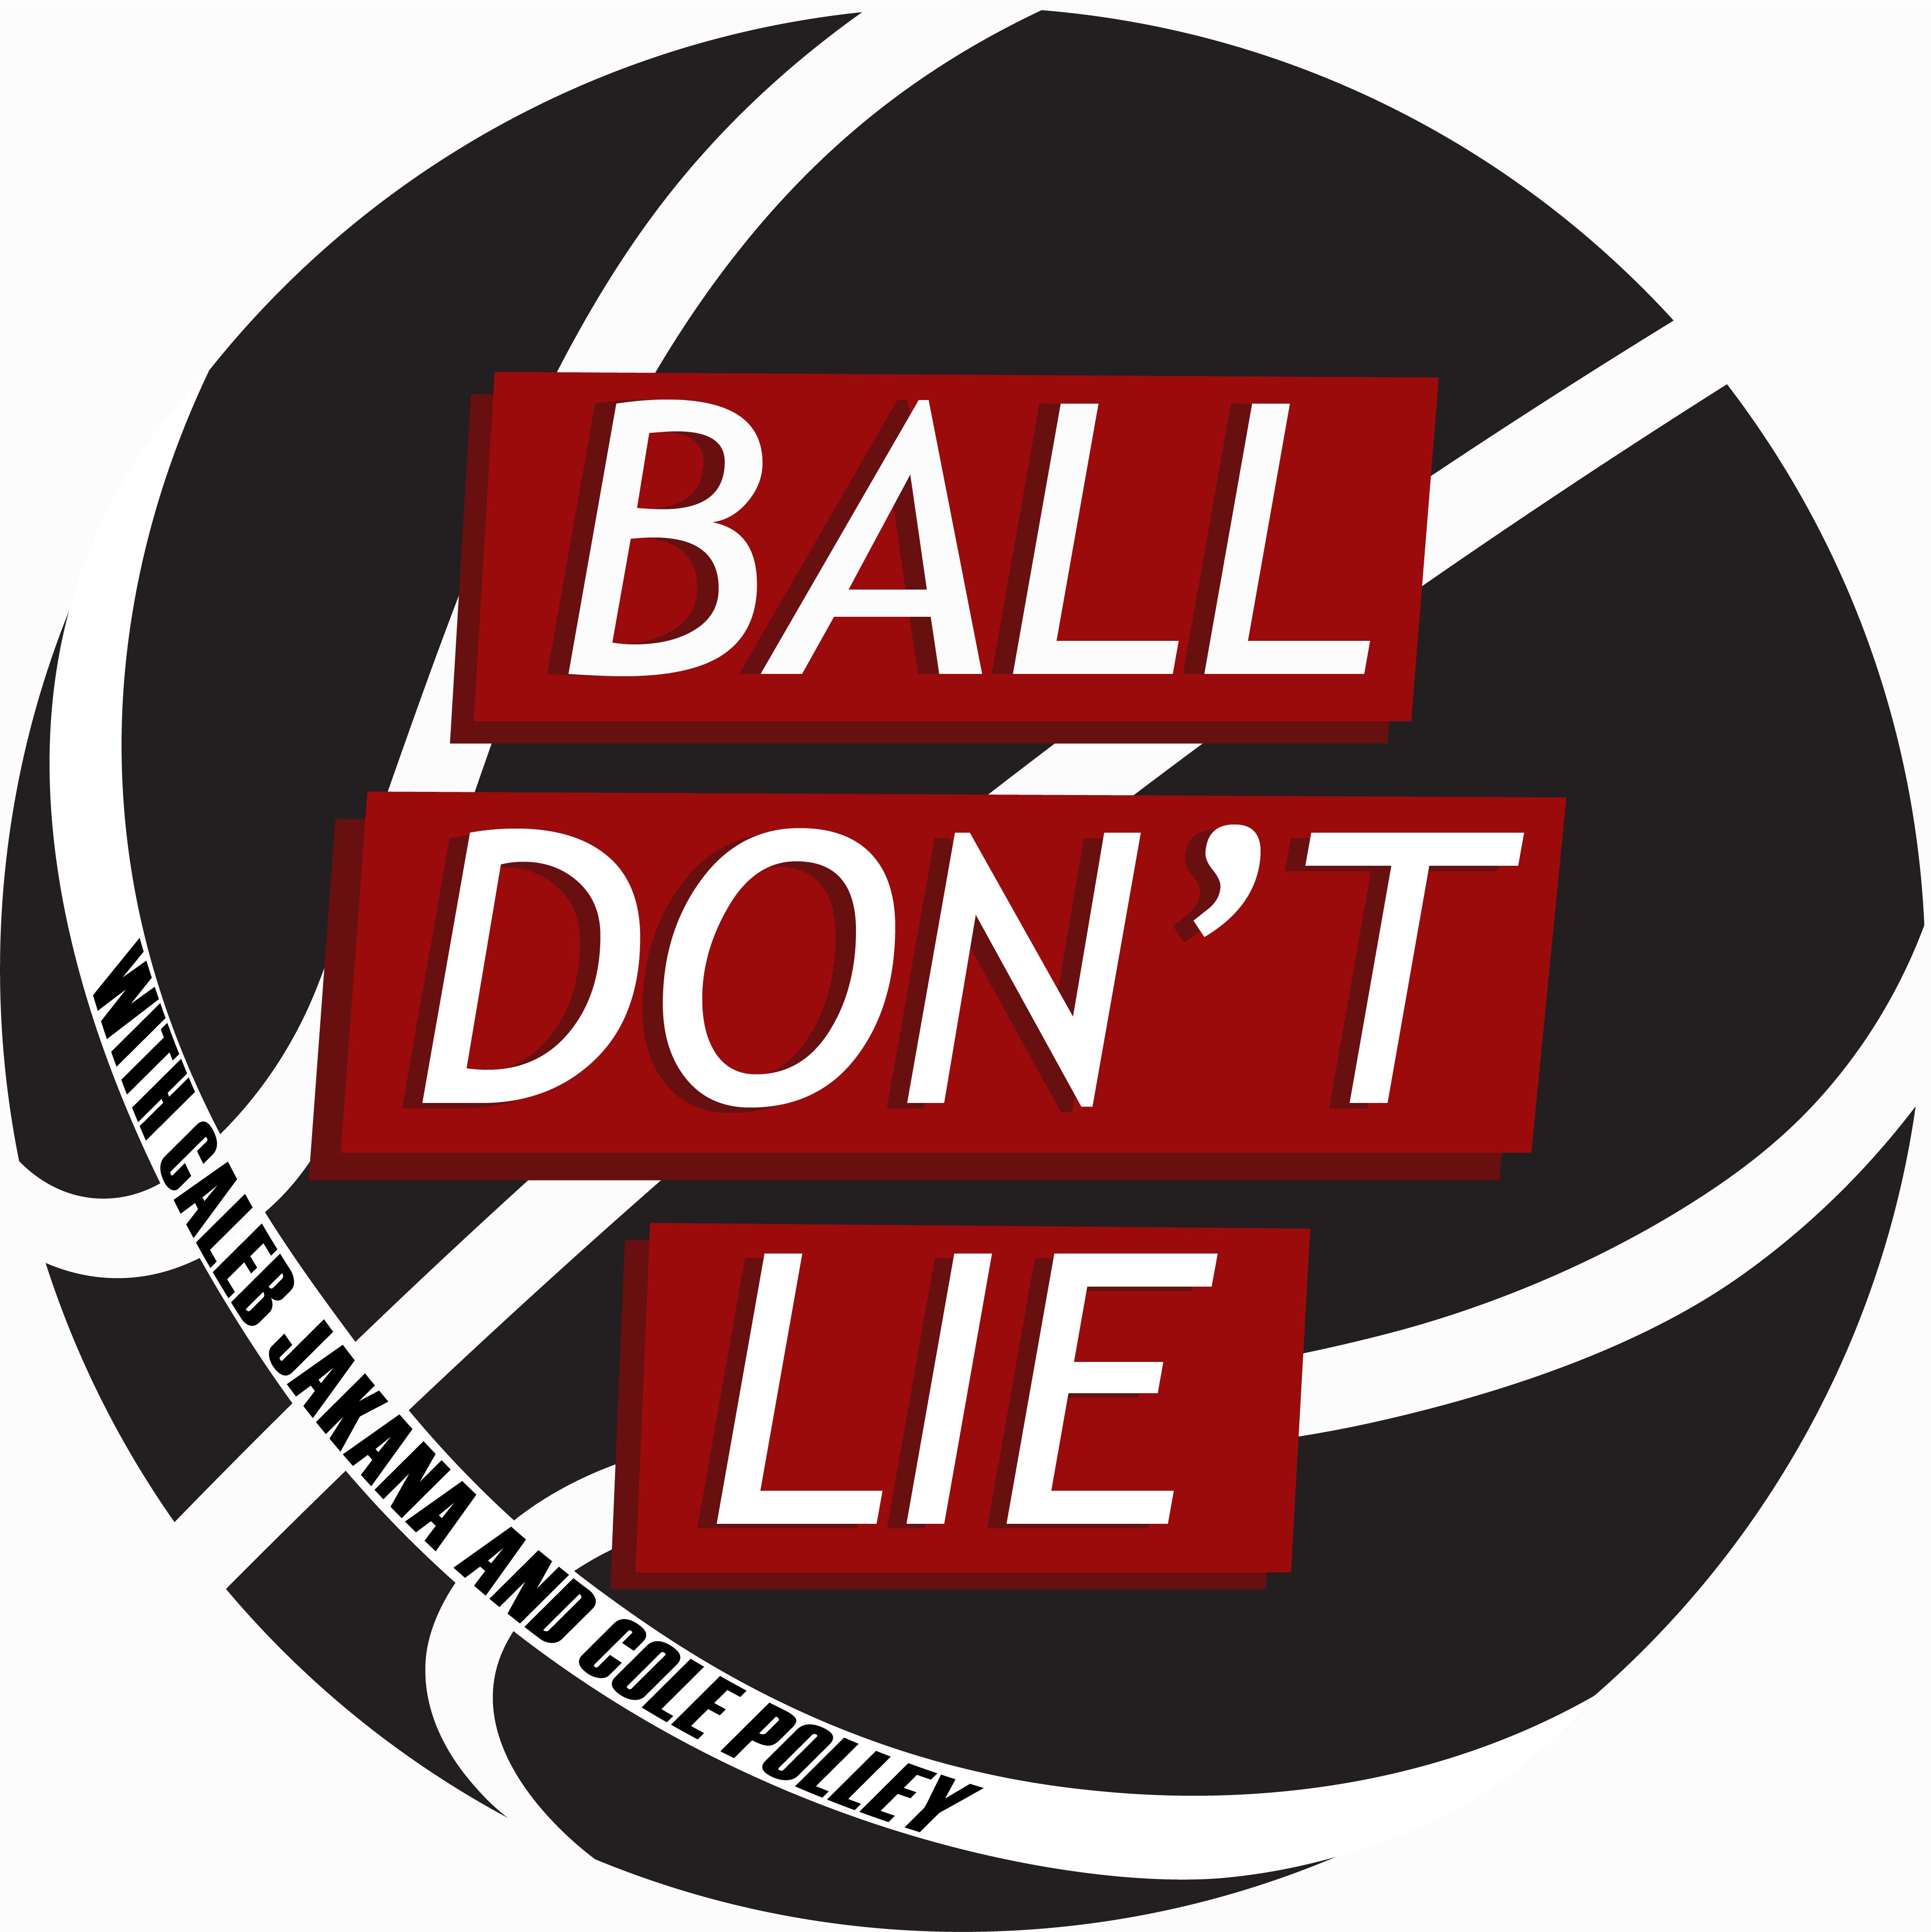 Balldontliefinal